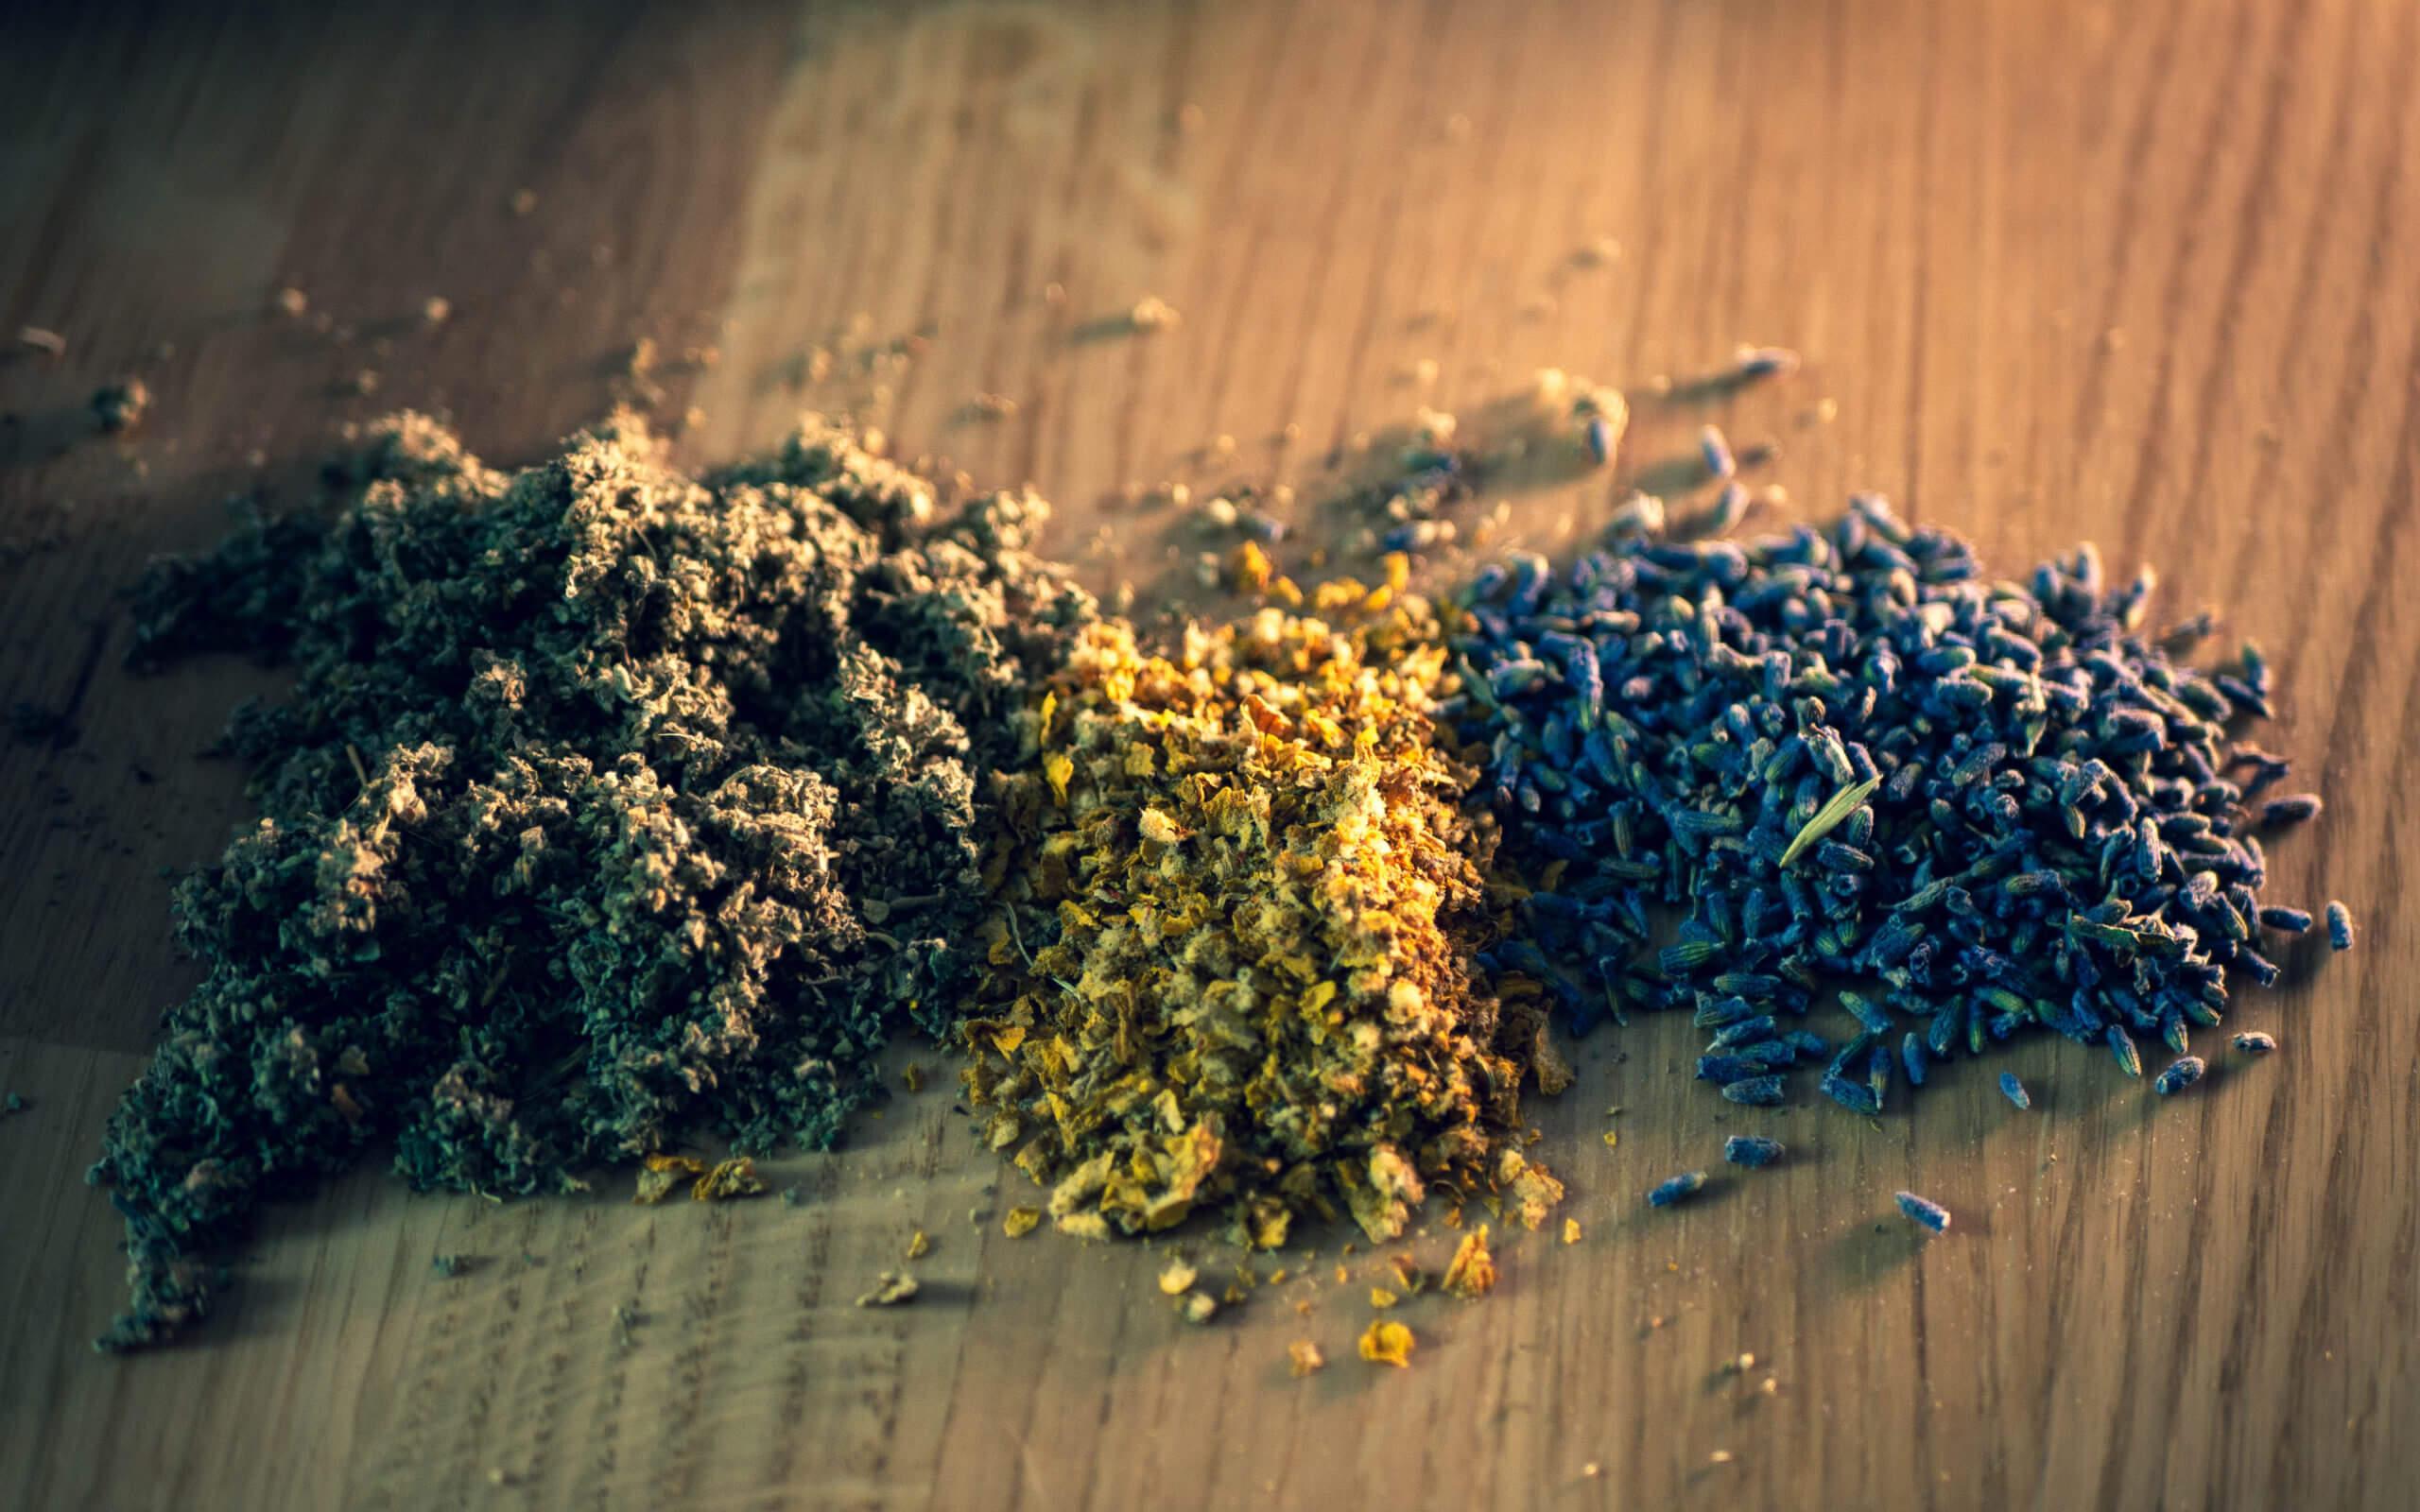 Getrocknete Kräuter zum Rauchen und Mischen mit Cannabis